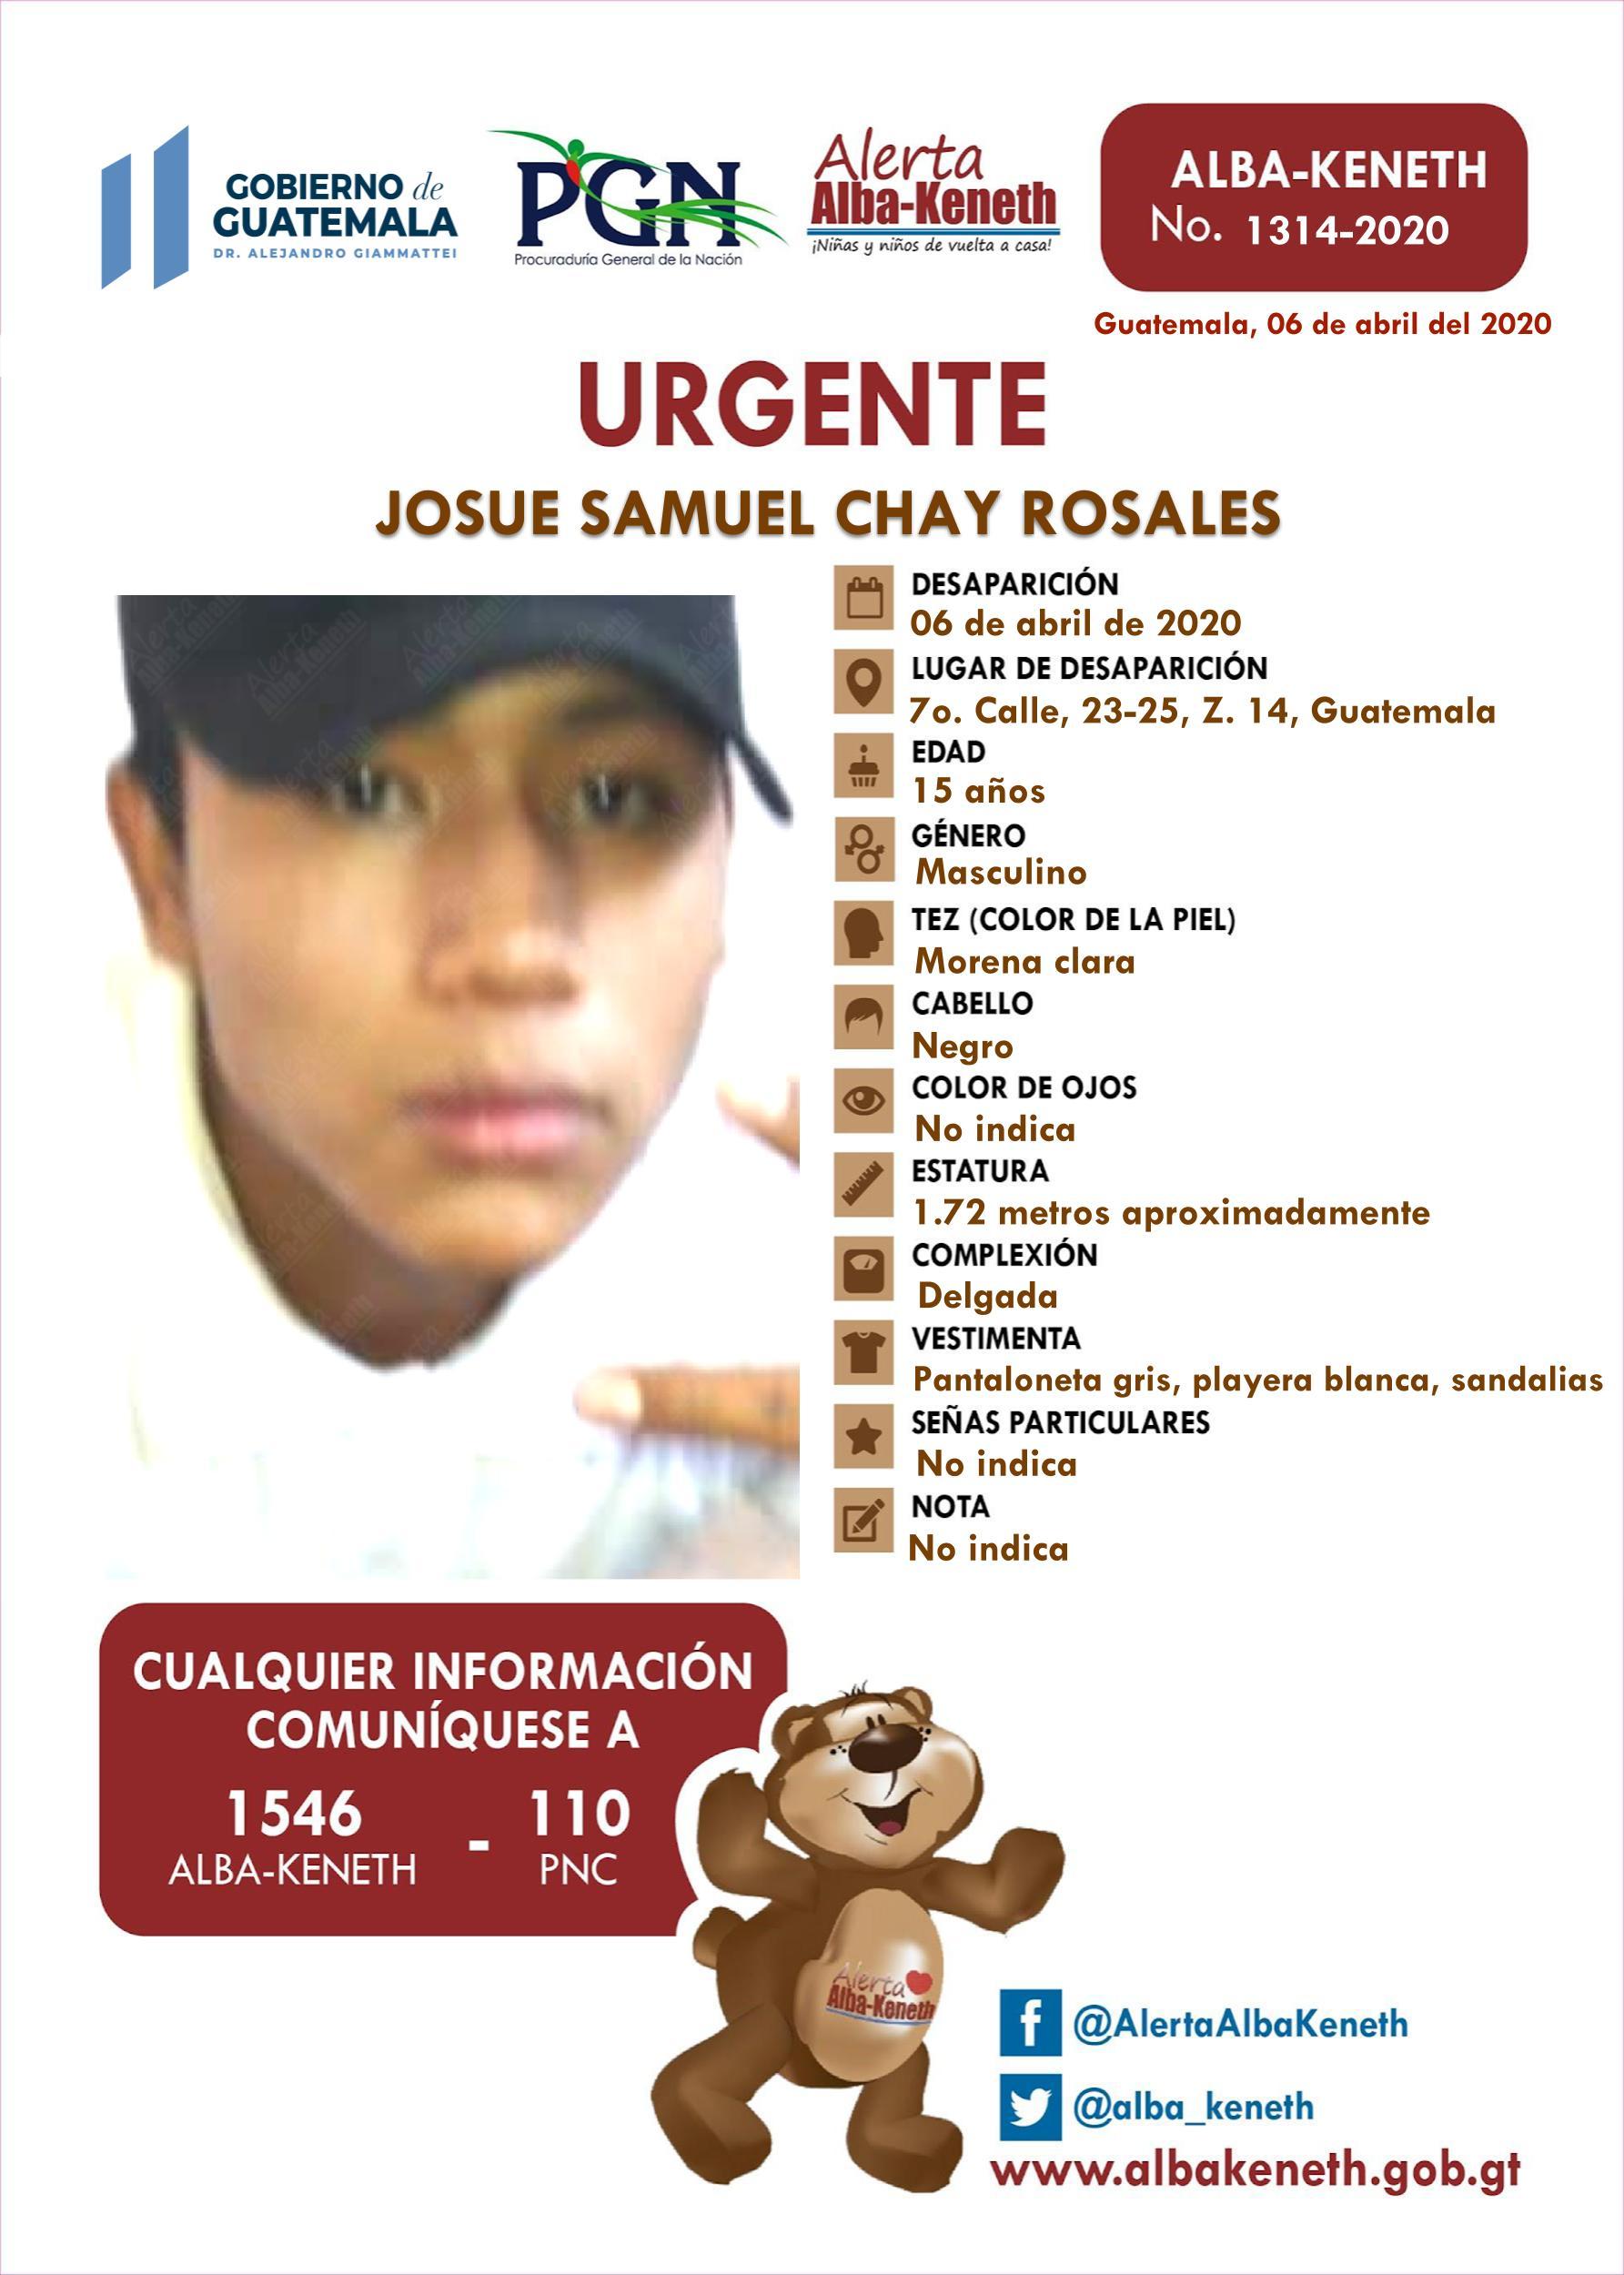 Josue Samuel Chay Rosales